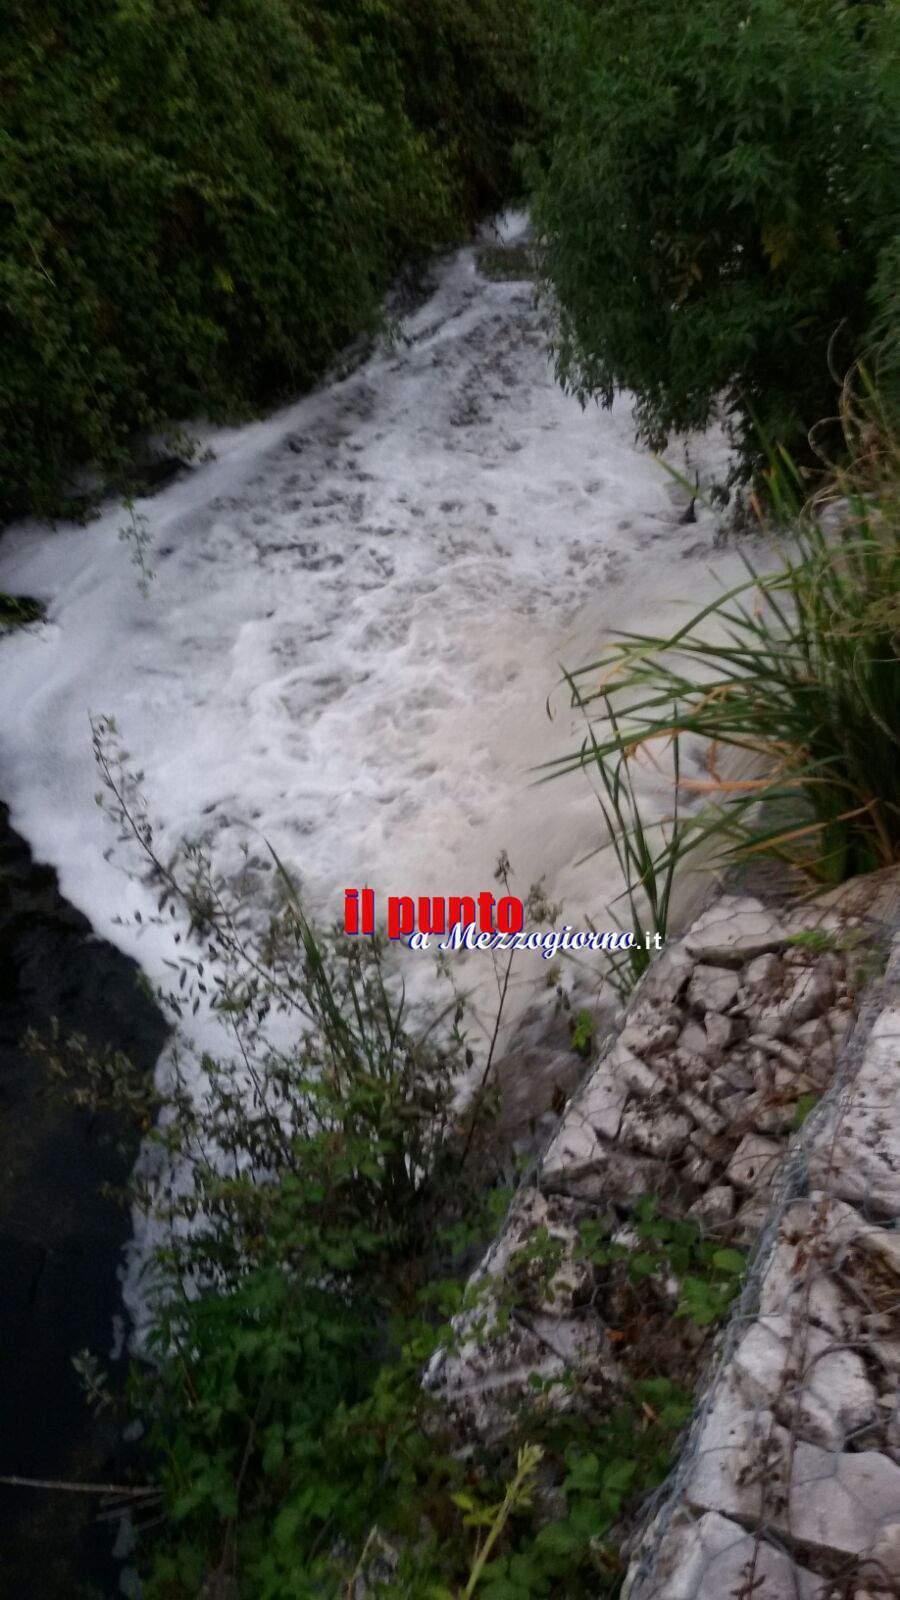 Torna la schiuma sul Rio Pioppeto a Cassino, allarme inquinamento